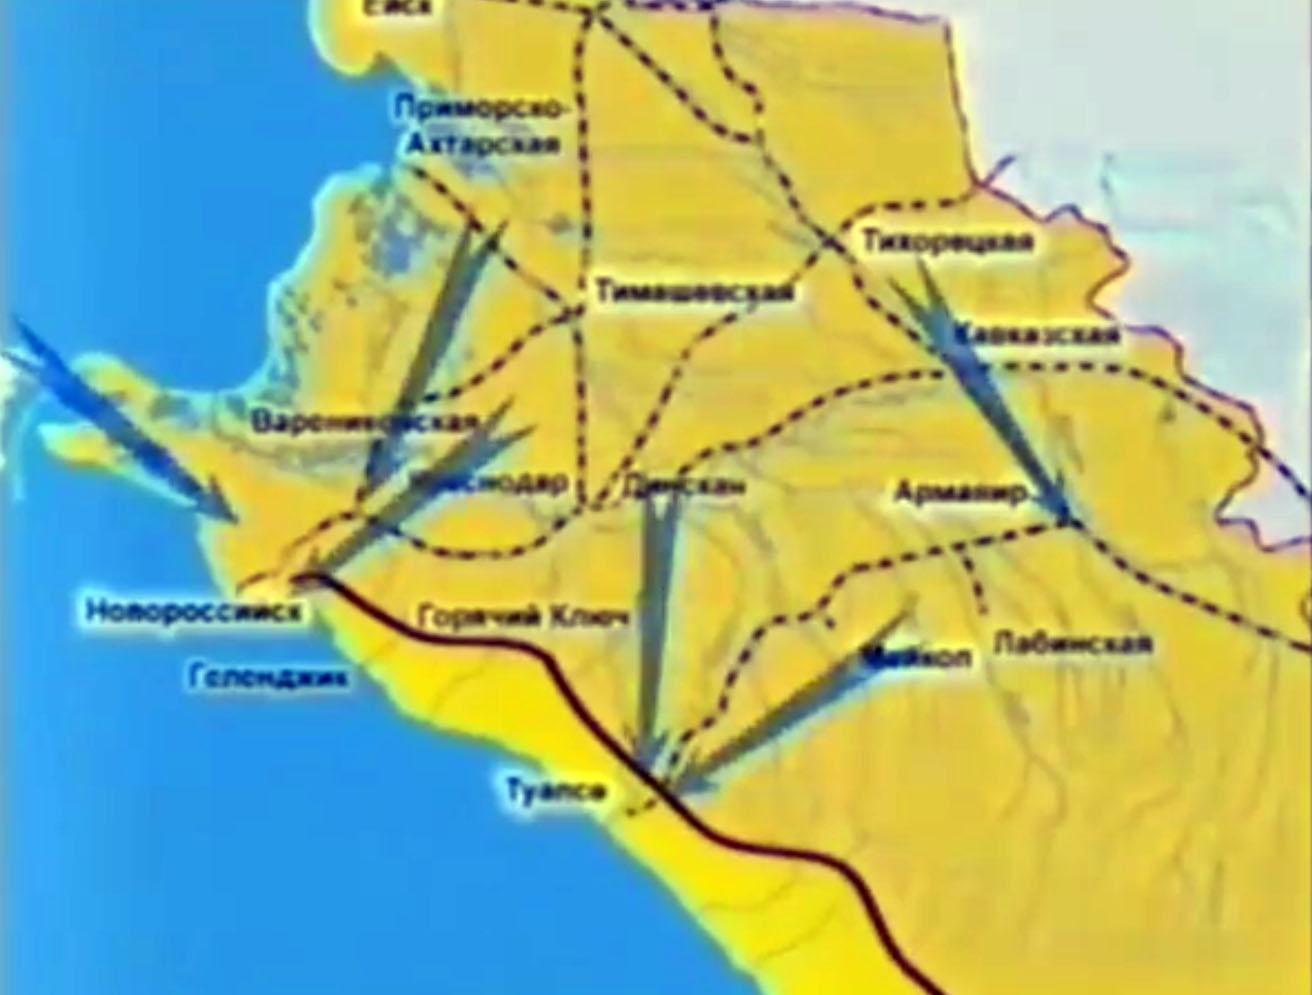 Укрепленный рубеж немцами на подступах к таманскому полуострову